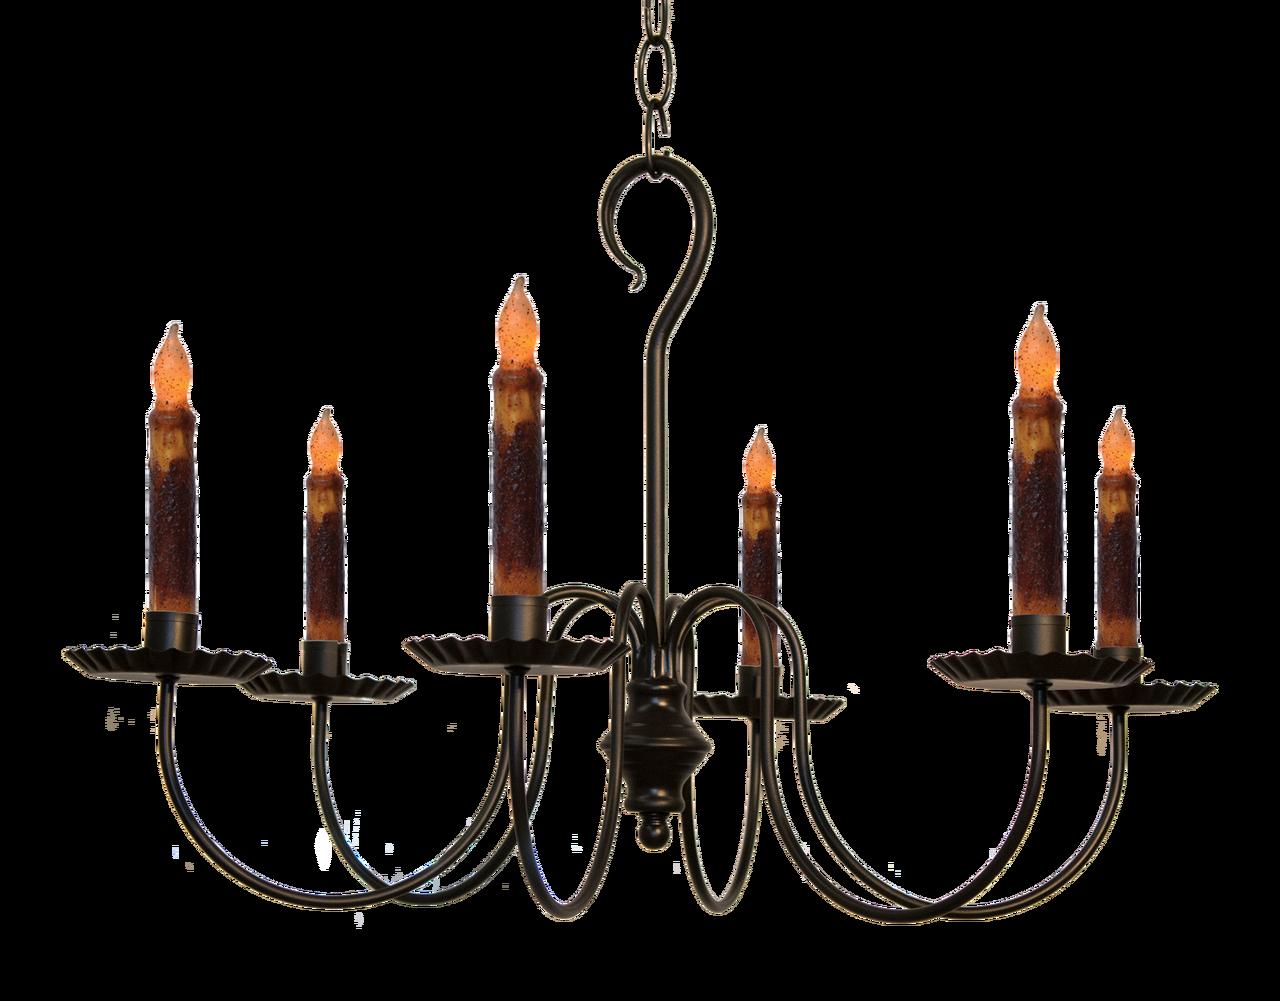 Katies wilcox candle chandelier